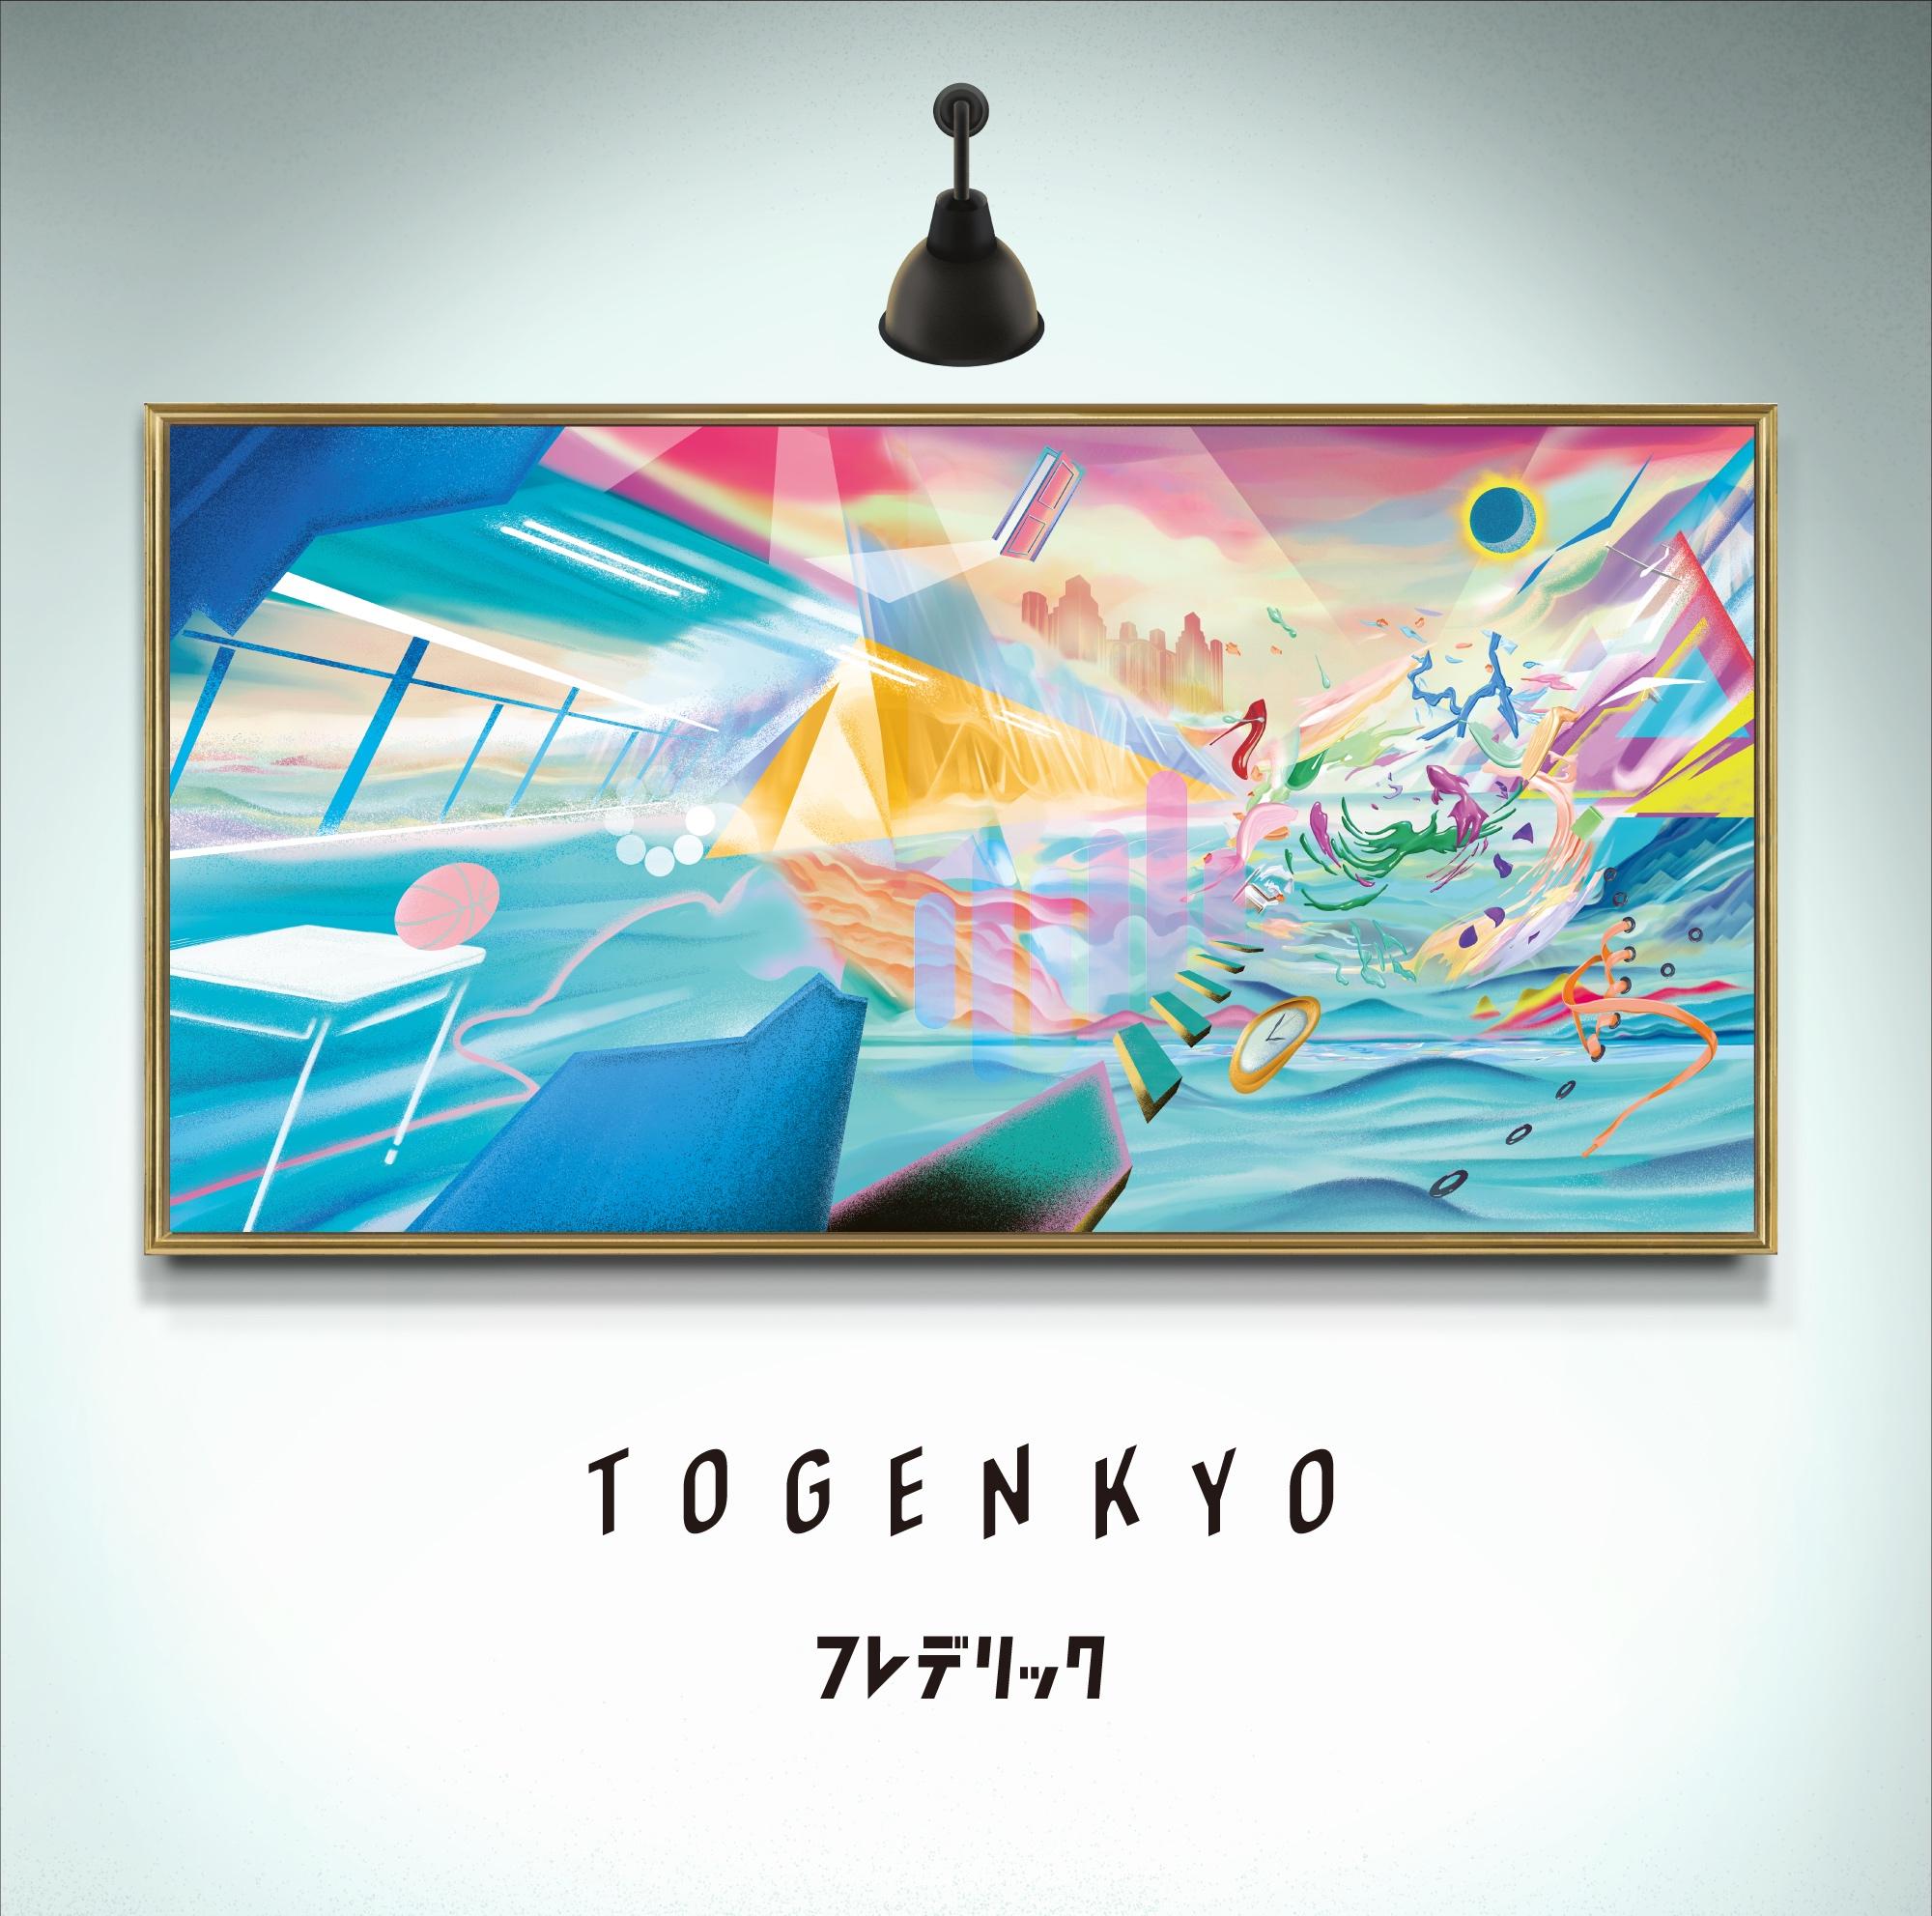 フレデリック、10/18リリース「TOGENKYO」 初回限定盤の特典DVDの詳細&トレーラー解禁!